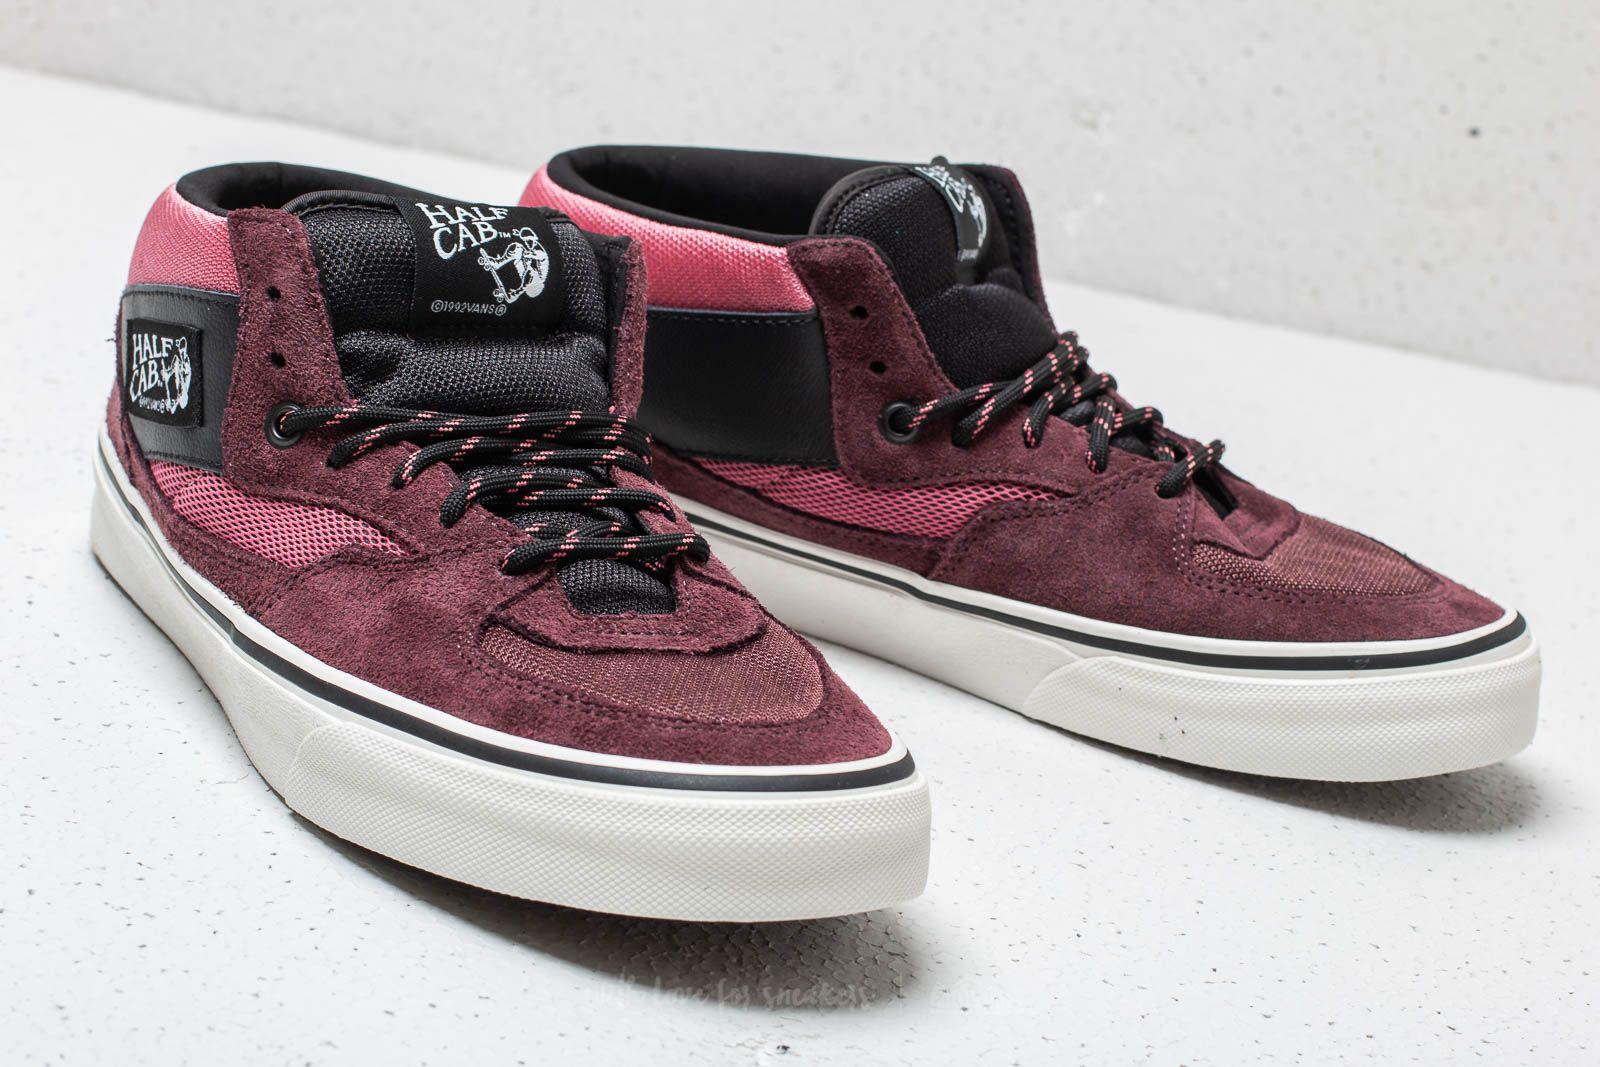 Men's shoes Vans Half Cab (Sporty) Catawba Grape/ Multi | Footshop